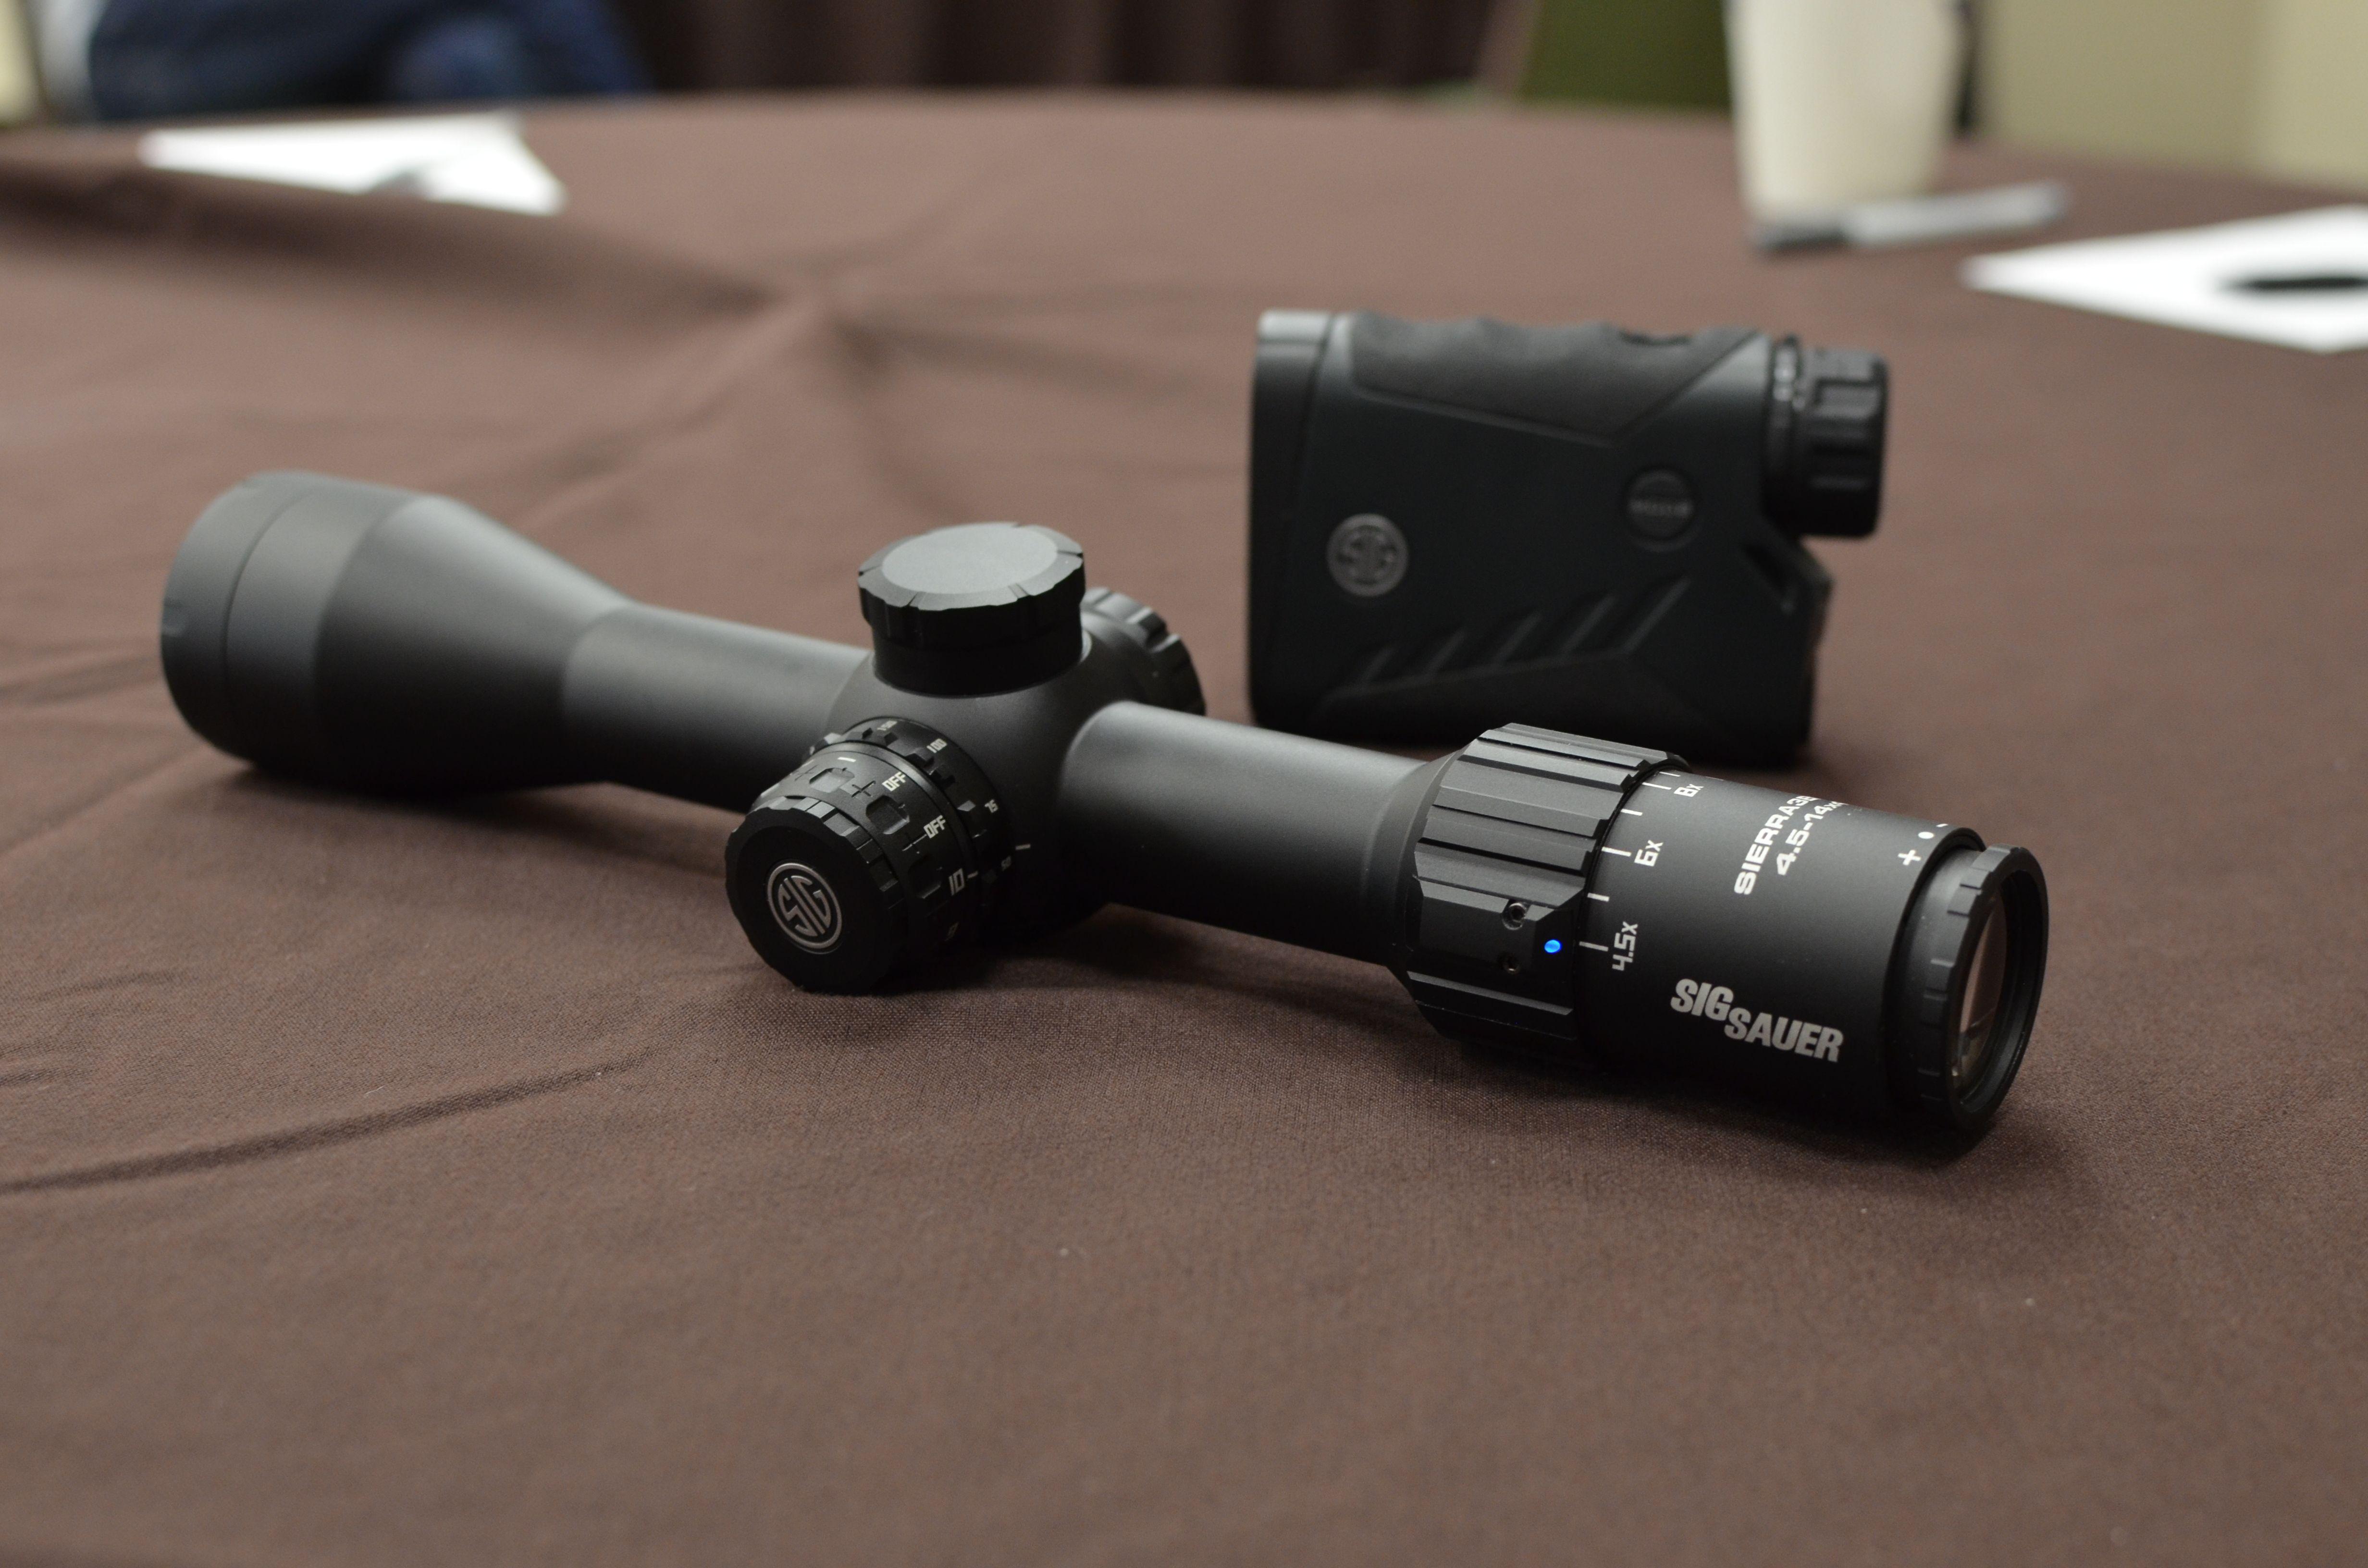 Laser Entfernungsmesser Zieloptik : Entfernungsmesser mit zieloptik zielfernrohre laser